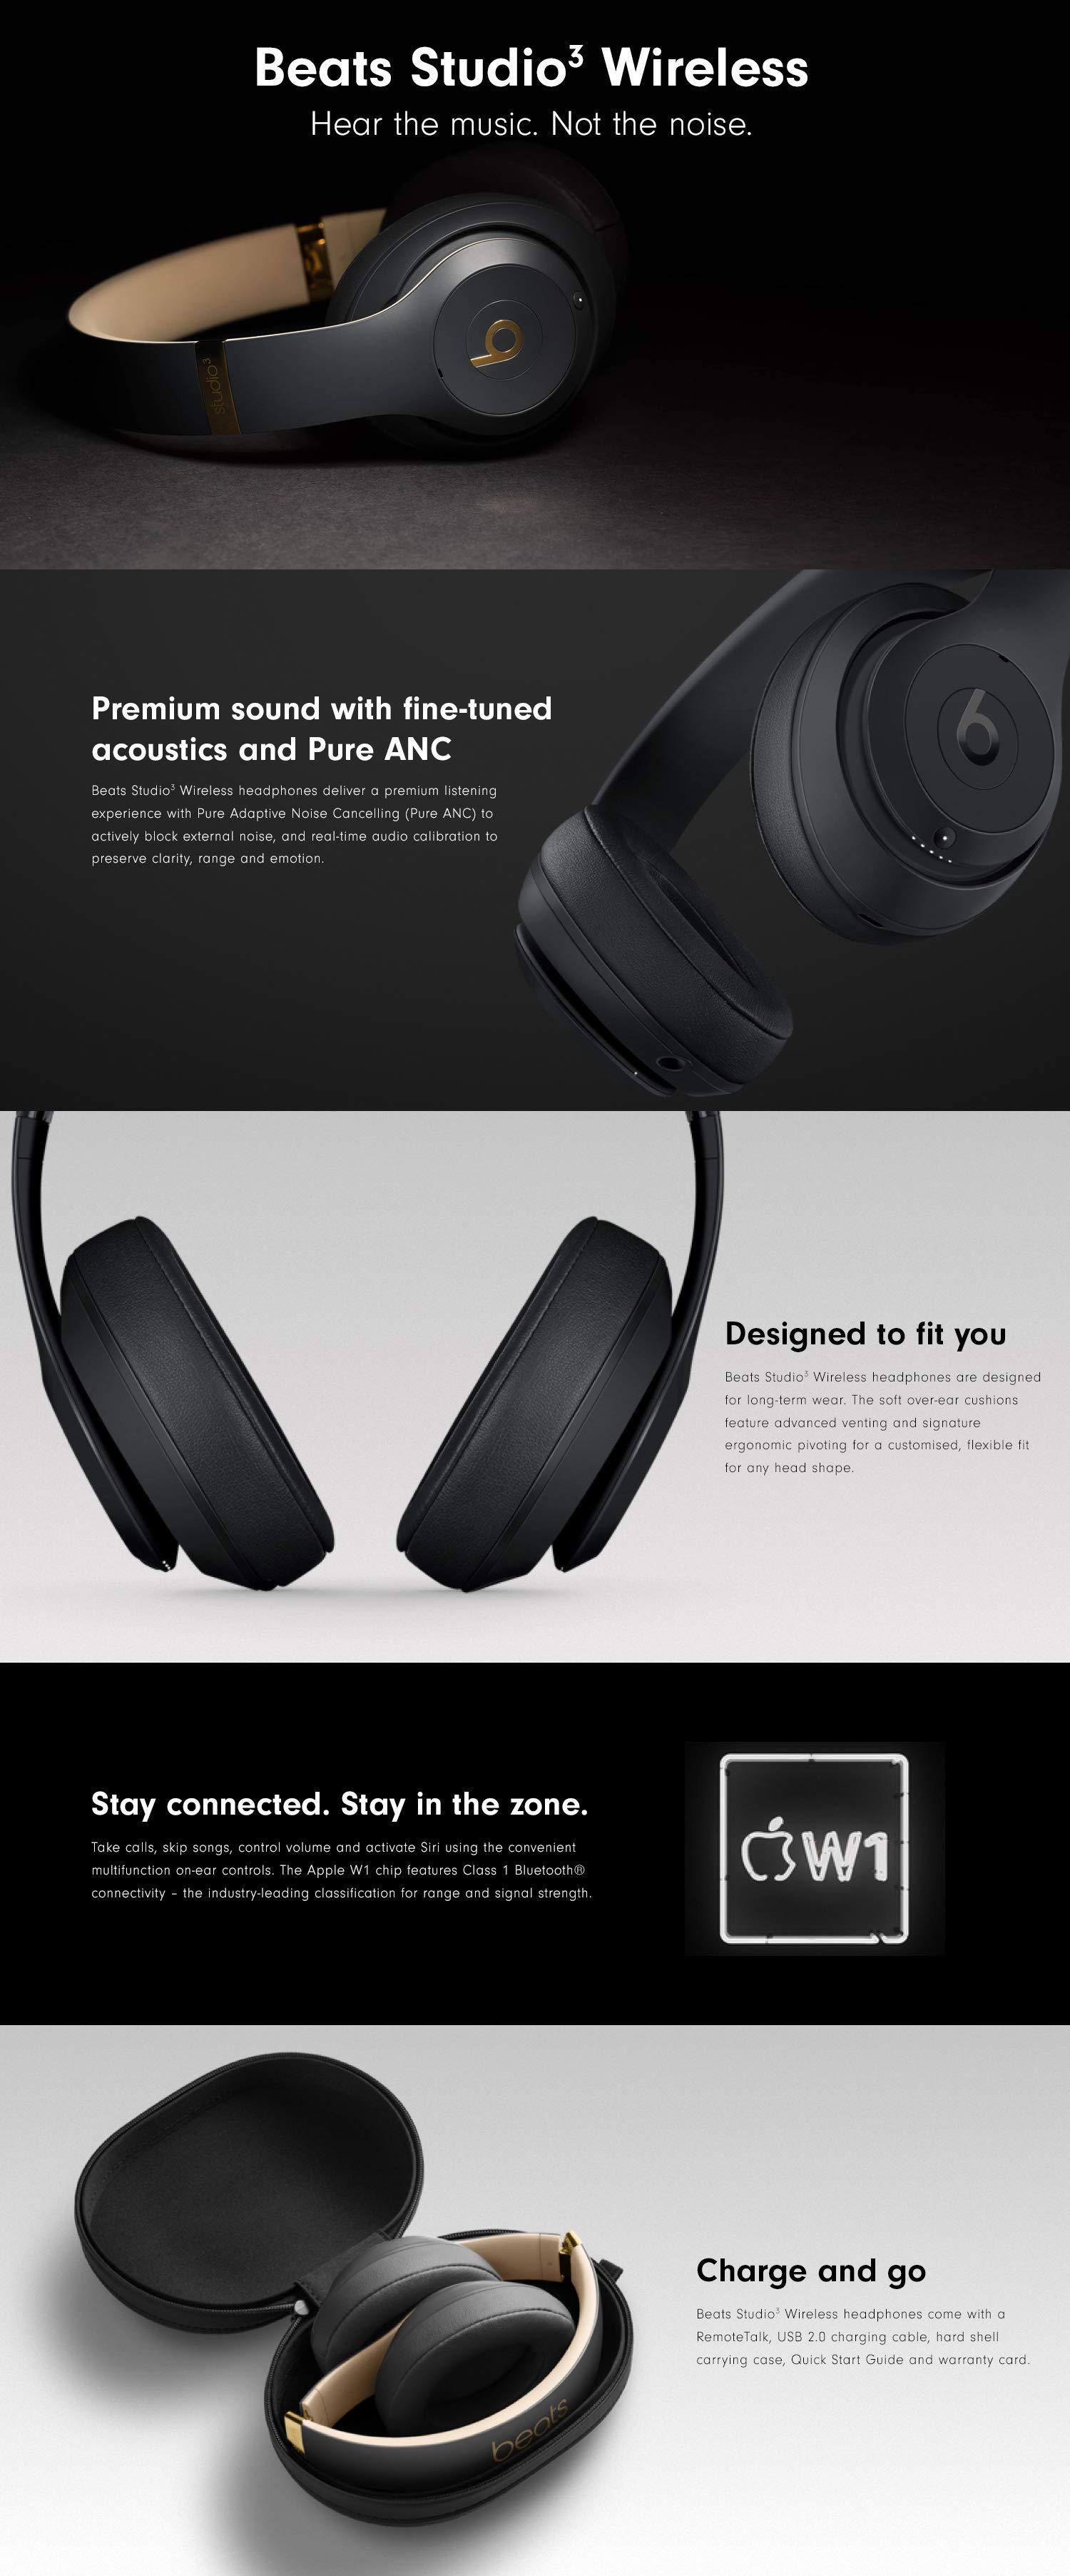 Beats By Dr Dre Mq562zm A Studio3 Wireless Over Ear Headphones Matte Black Amazon In